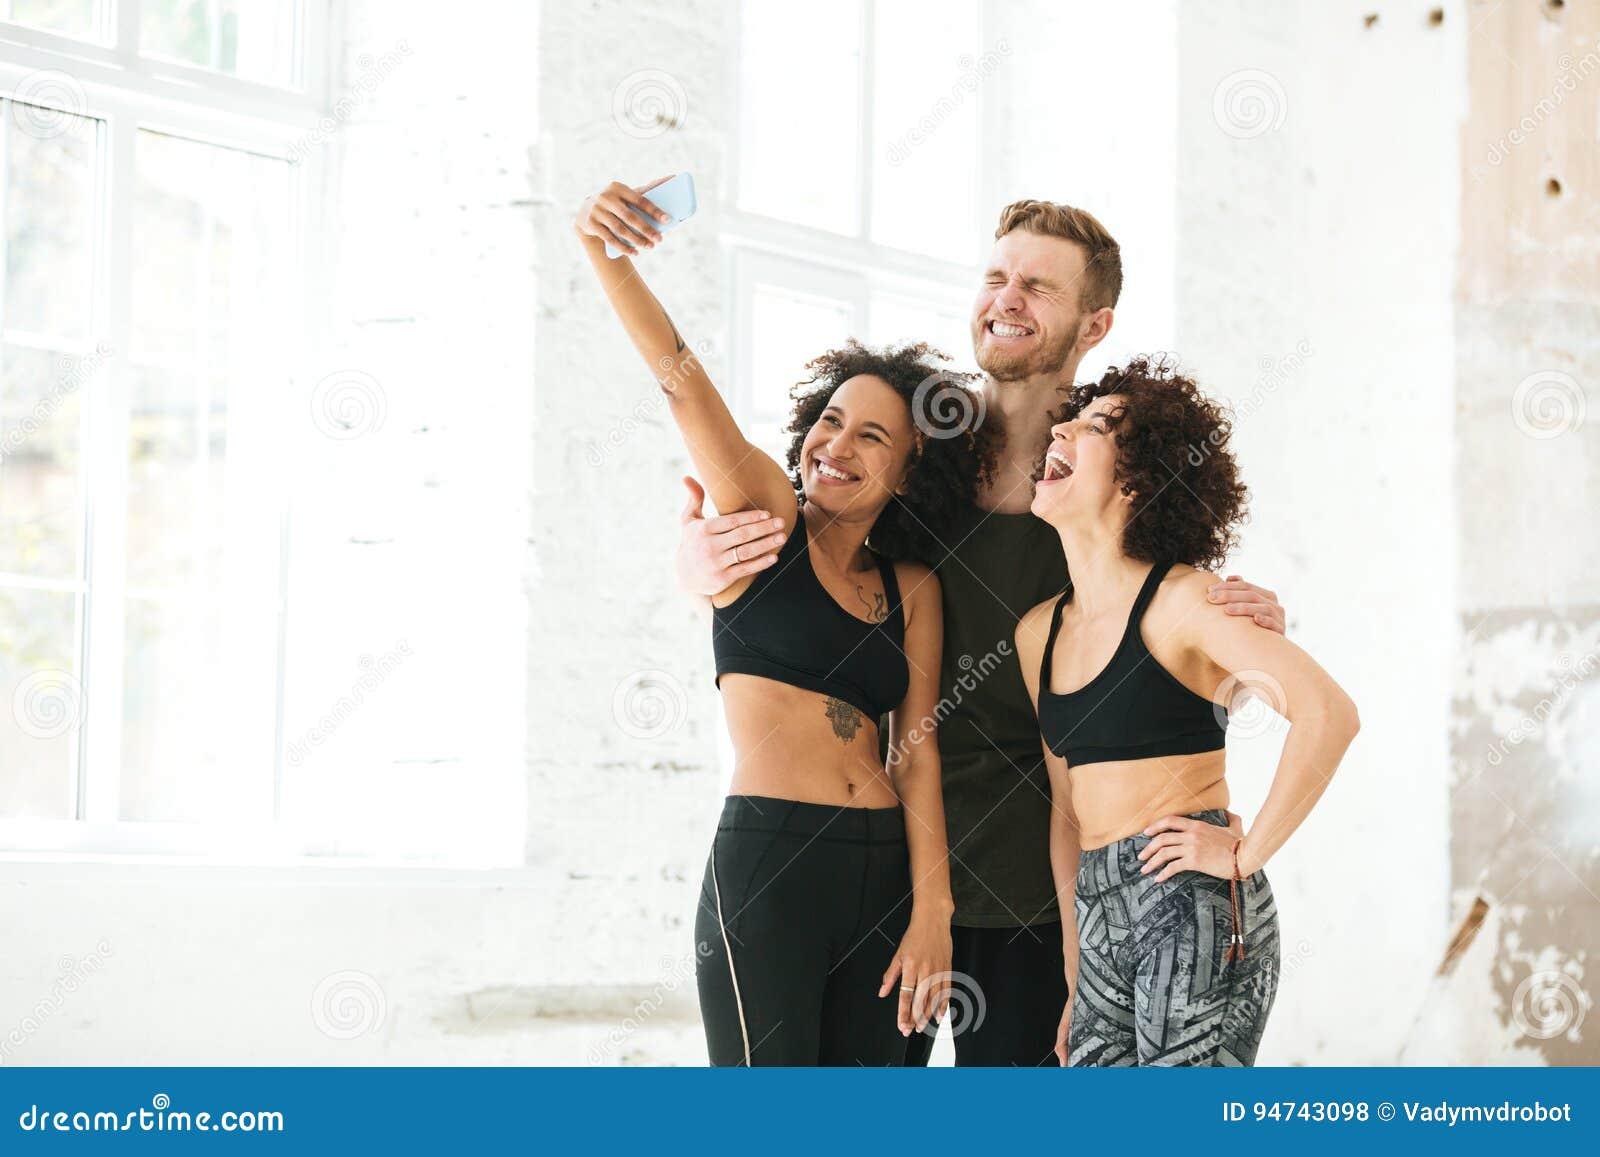 Grupo multicultural de amigos en ropa de deportes